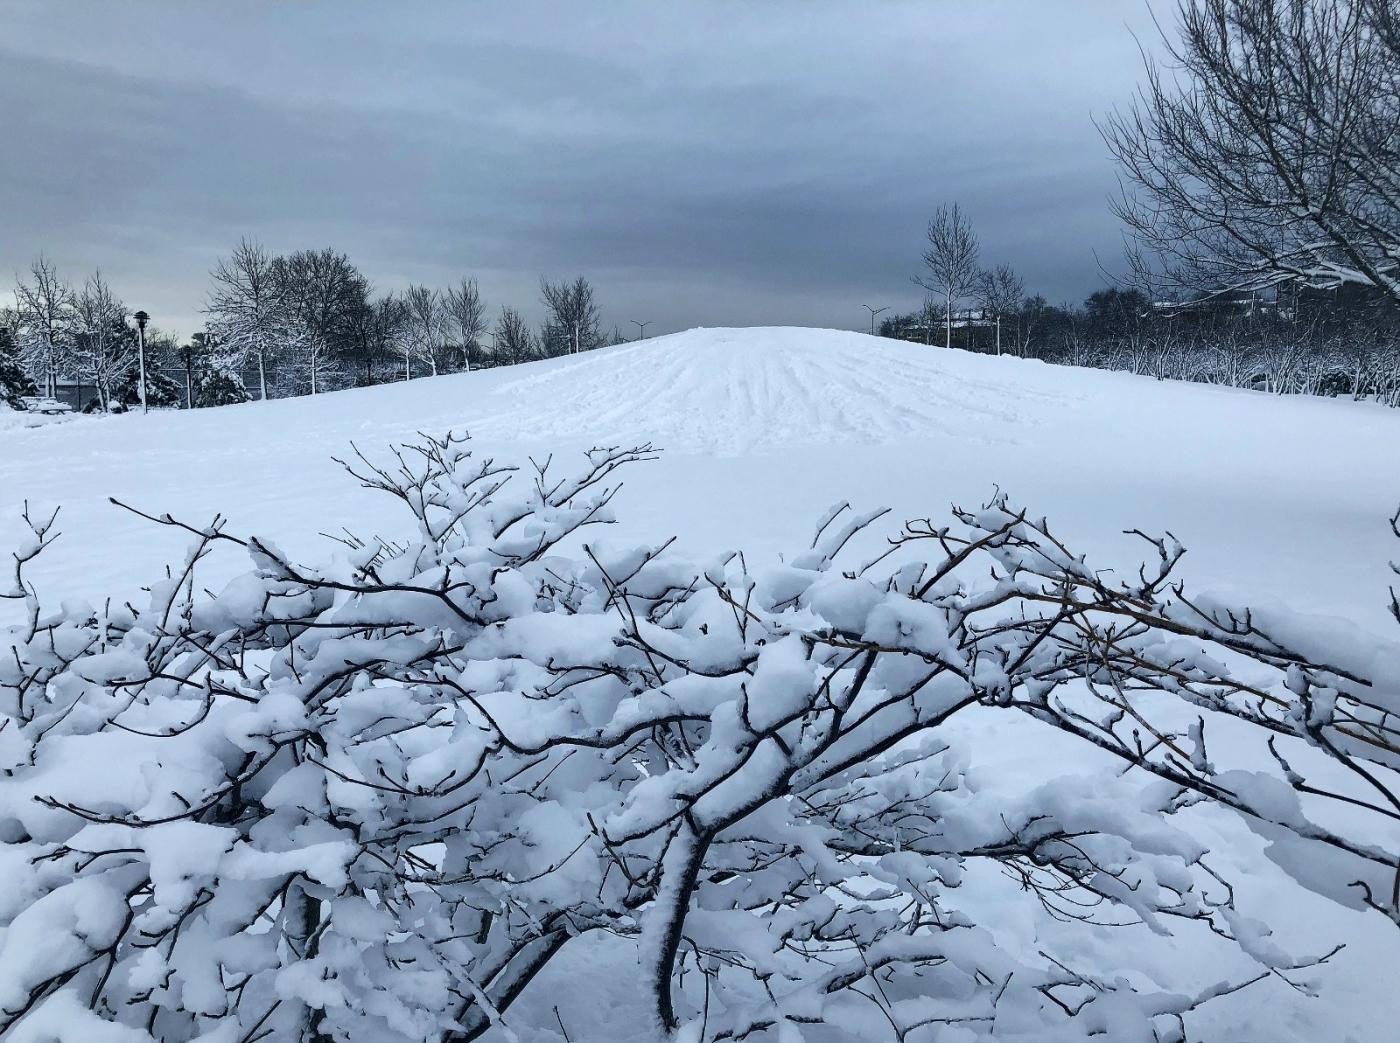 【田螺手机摄影】在纽约市拍雪景、还是中央公园最漂亮_图1-33